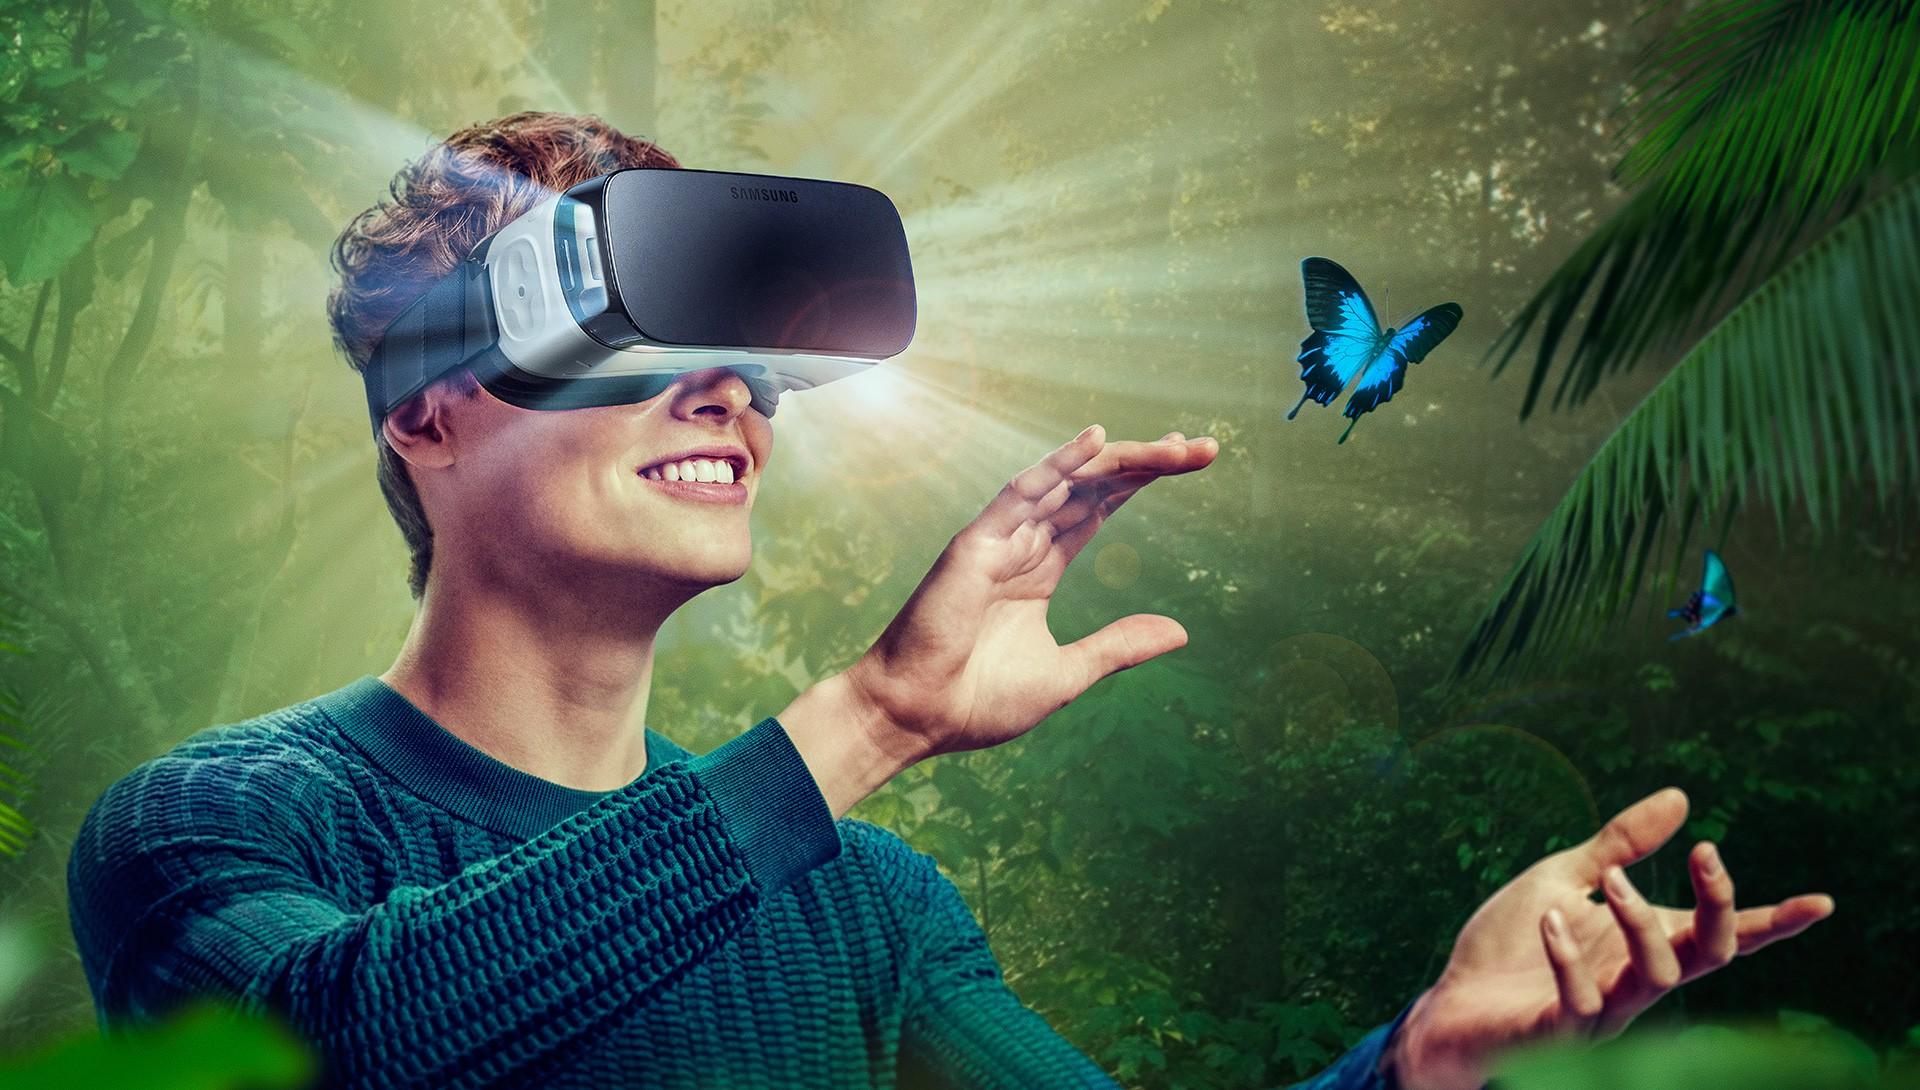 Ученые раскрыли недочеты очков виртуальной реальности